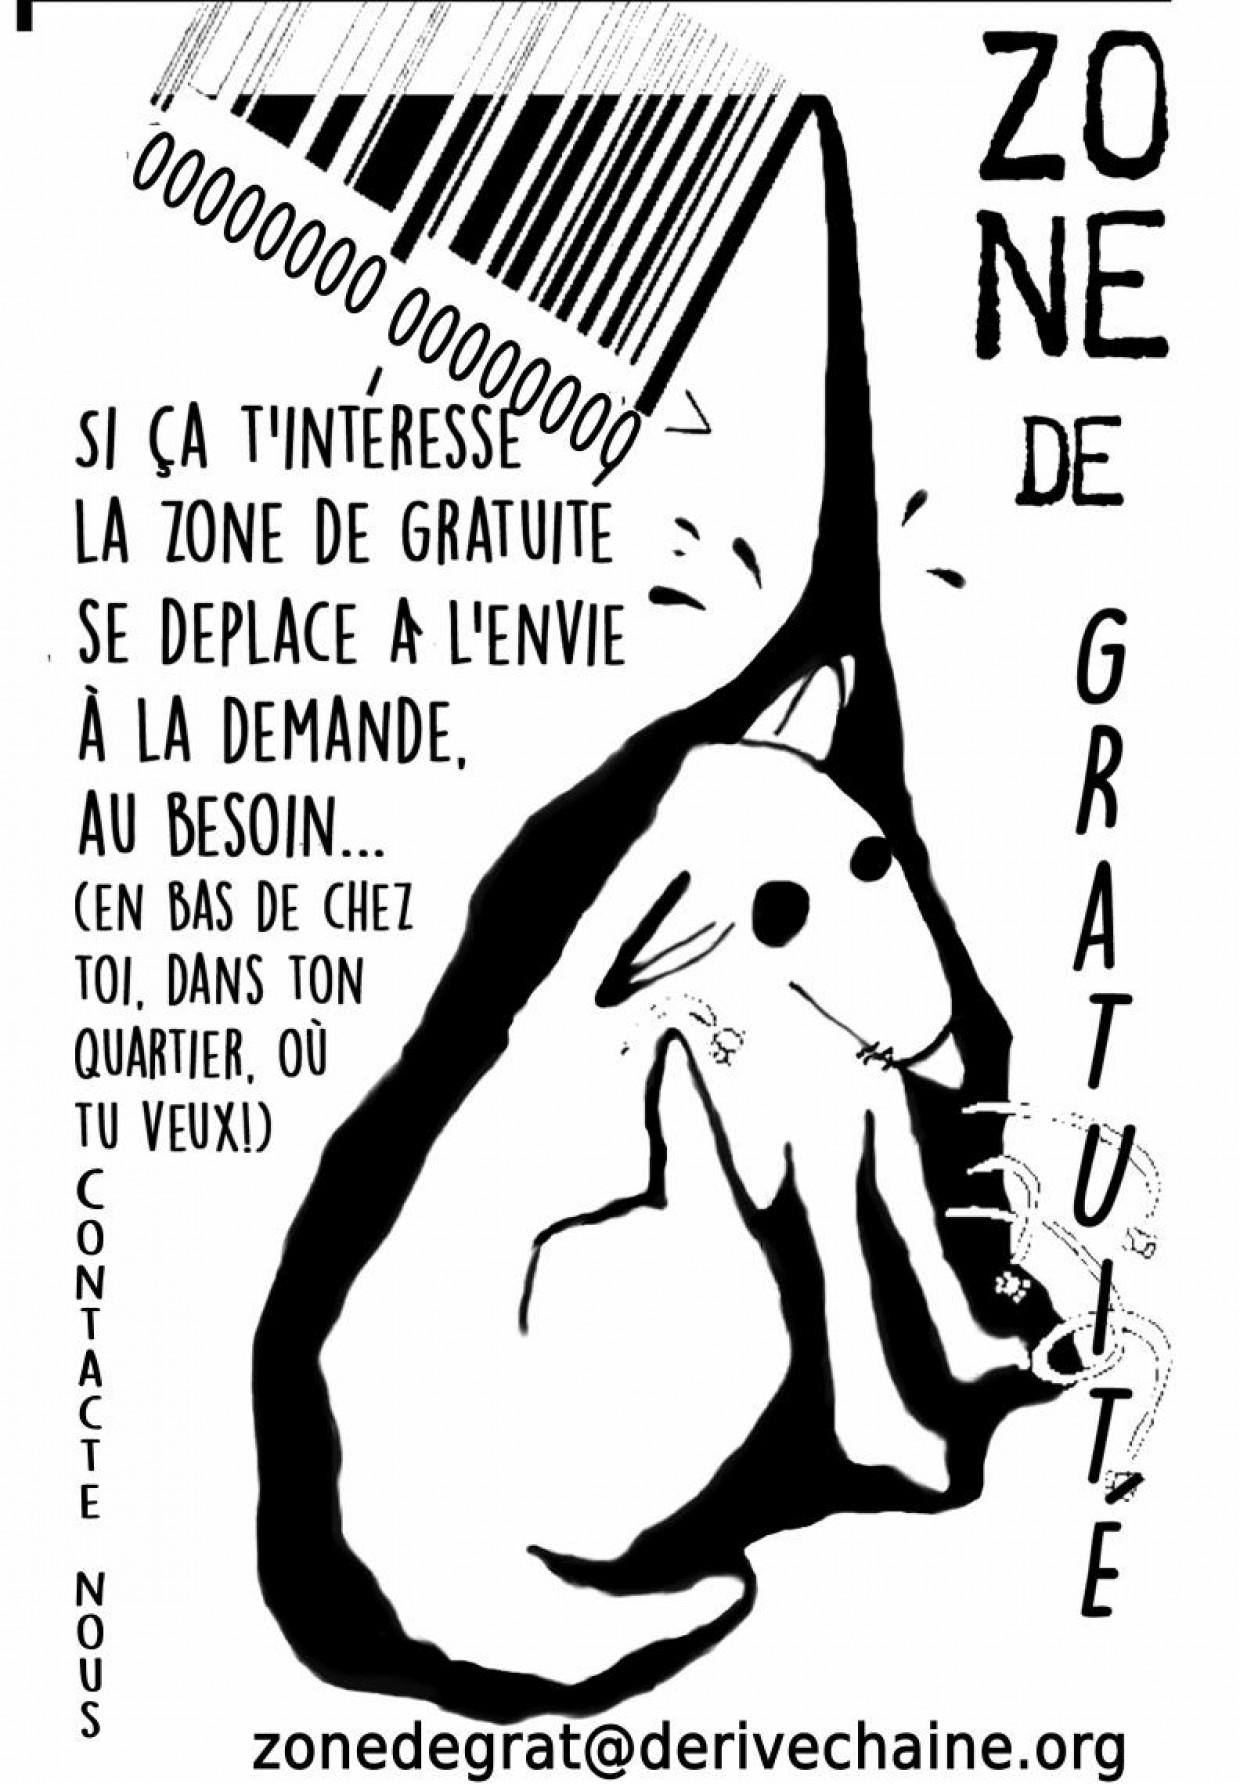 JOURNEE DE LA GRATUITE DIMANCHE 27 NOVEMBRE